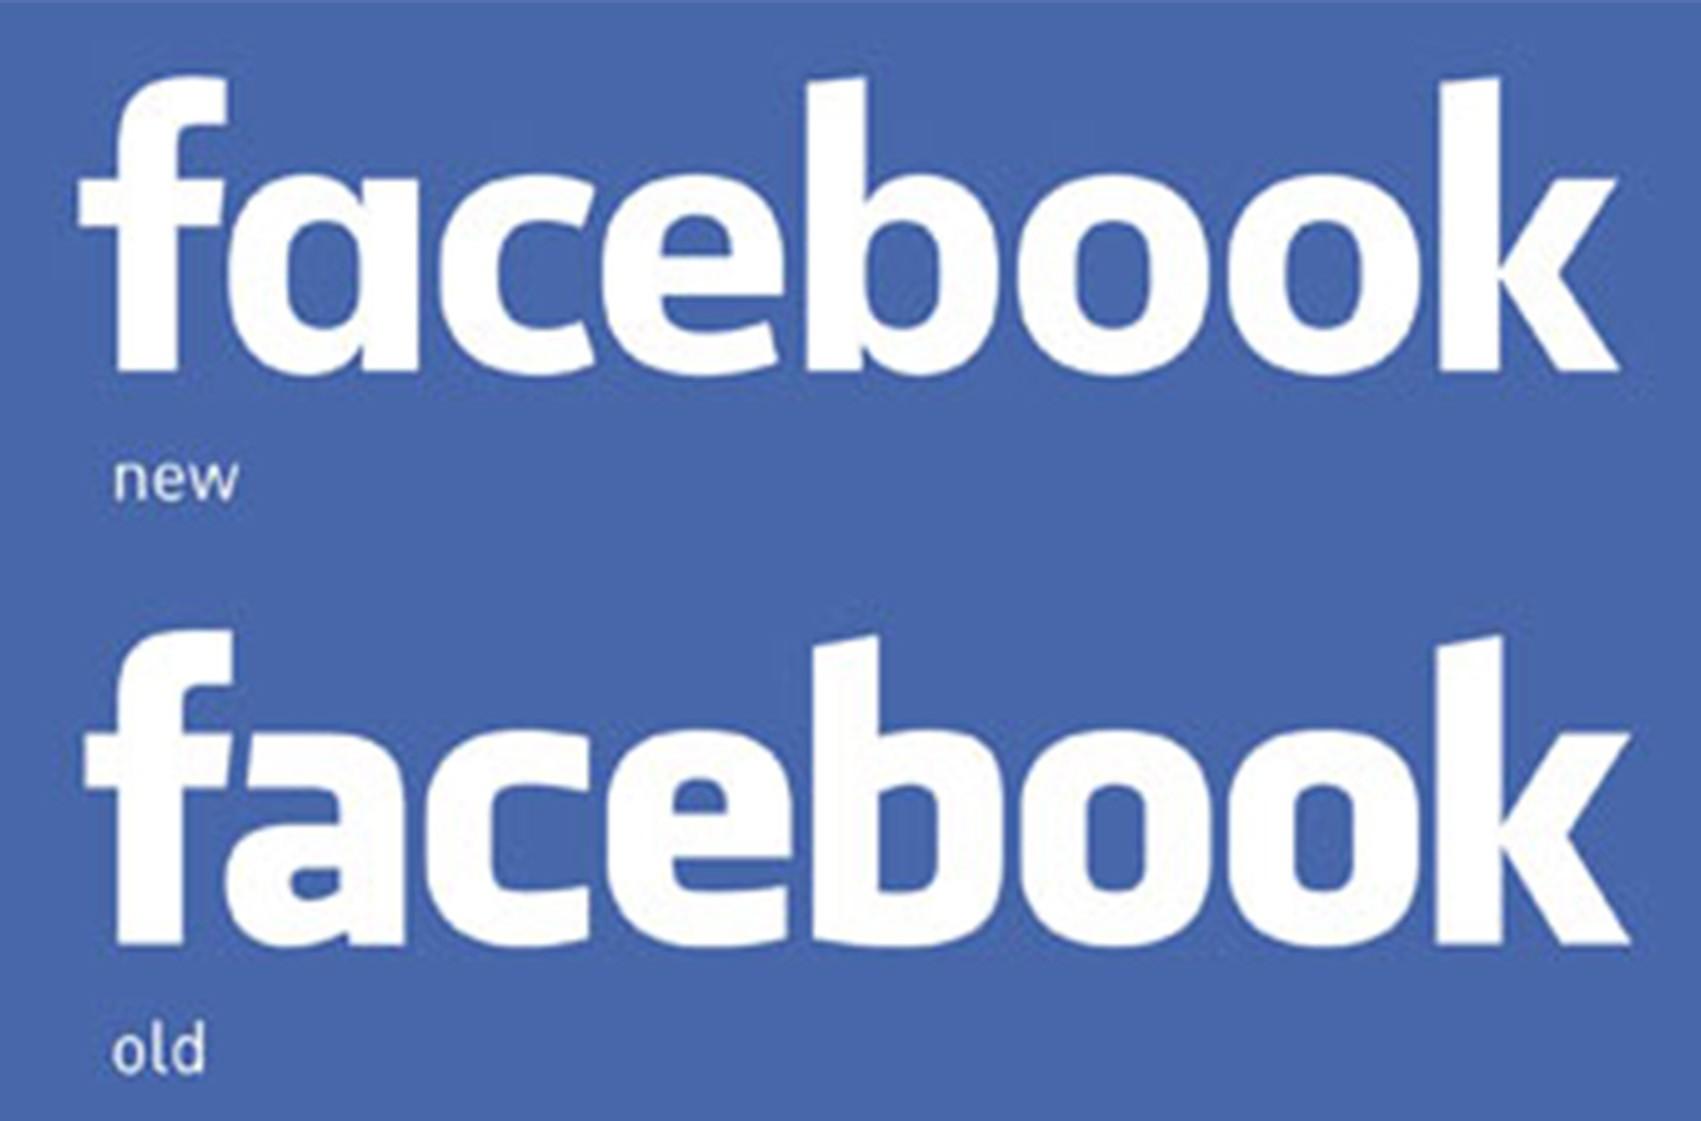 داستان لوگوی Facebook